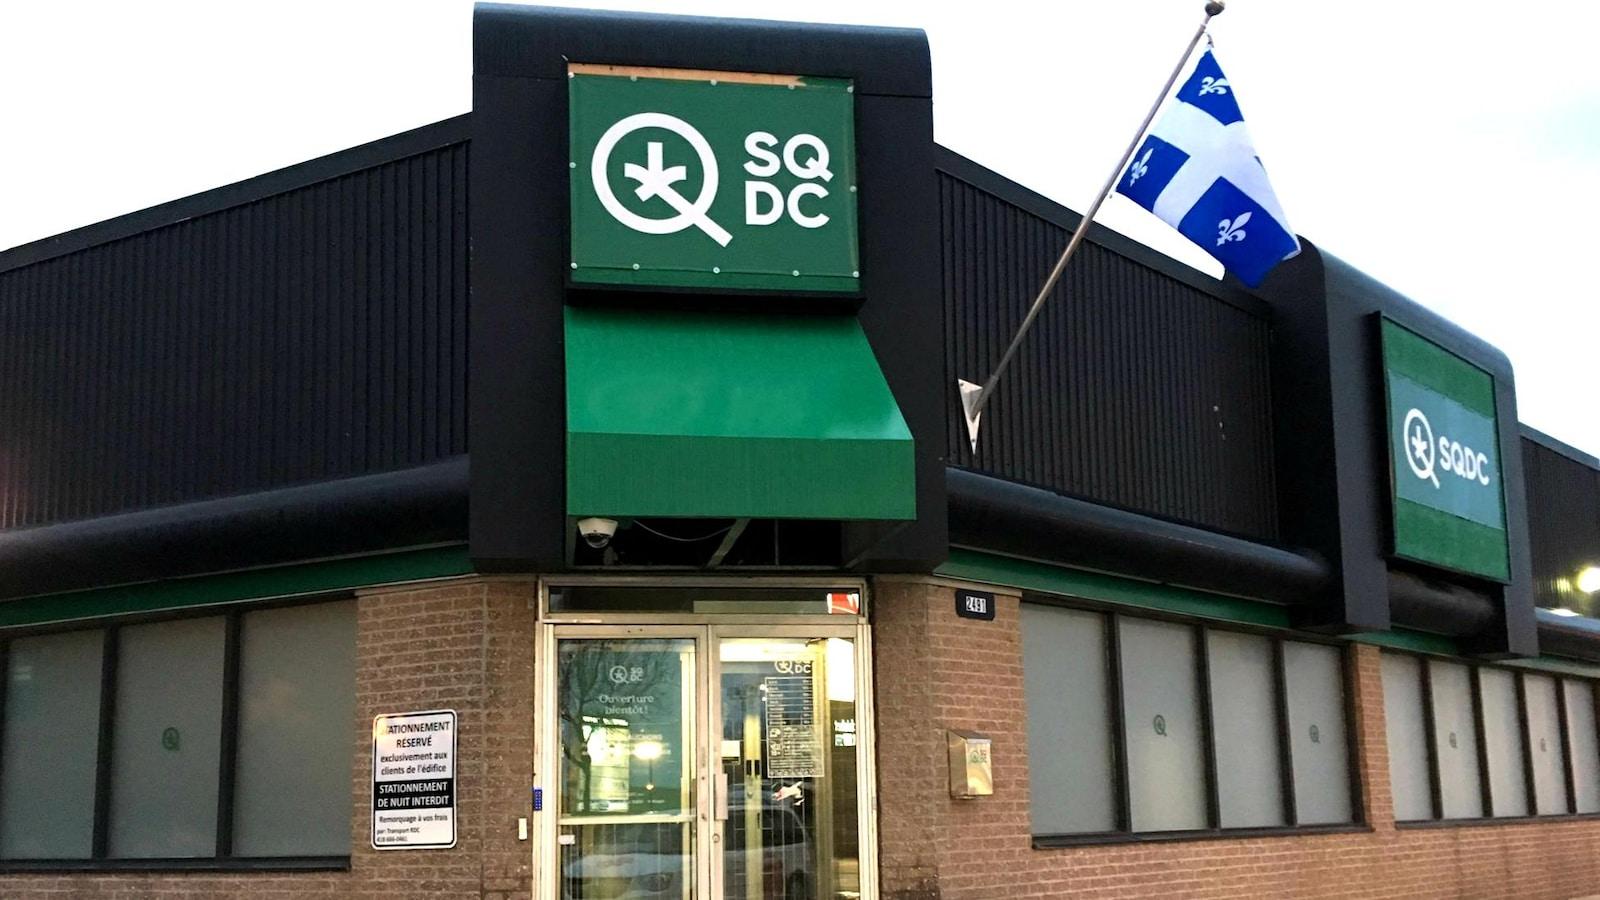 Devanture de la succursale de la SQDC de Sainte-Foy. La photo a été prise quelques heures avant l'ouverture officielle du point de vente, le 17 octobre 2018.